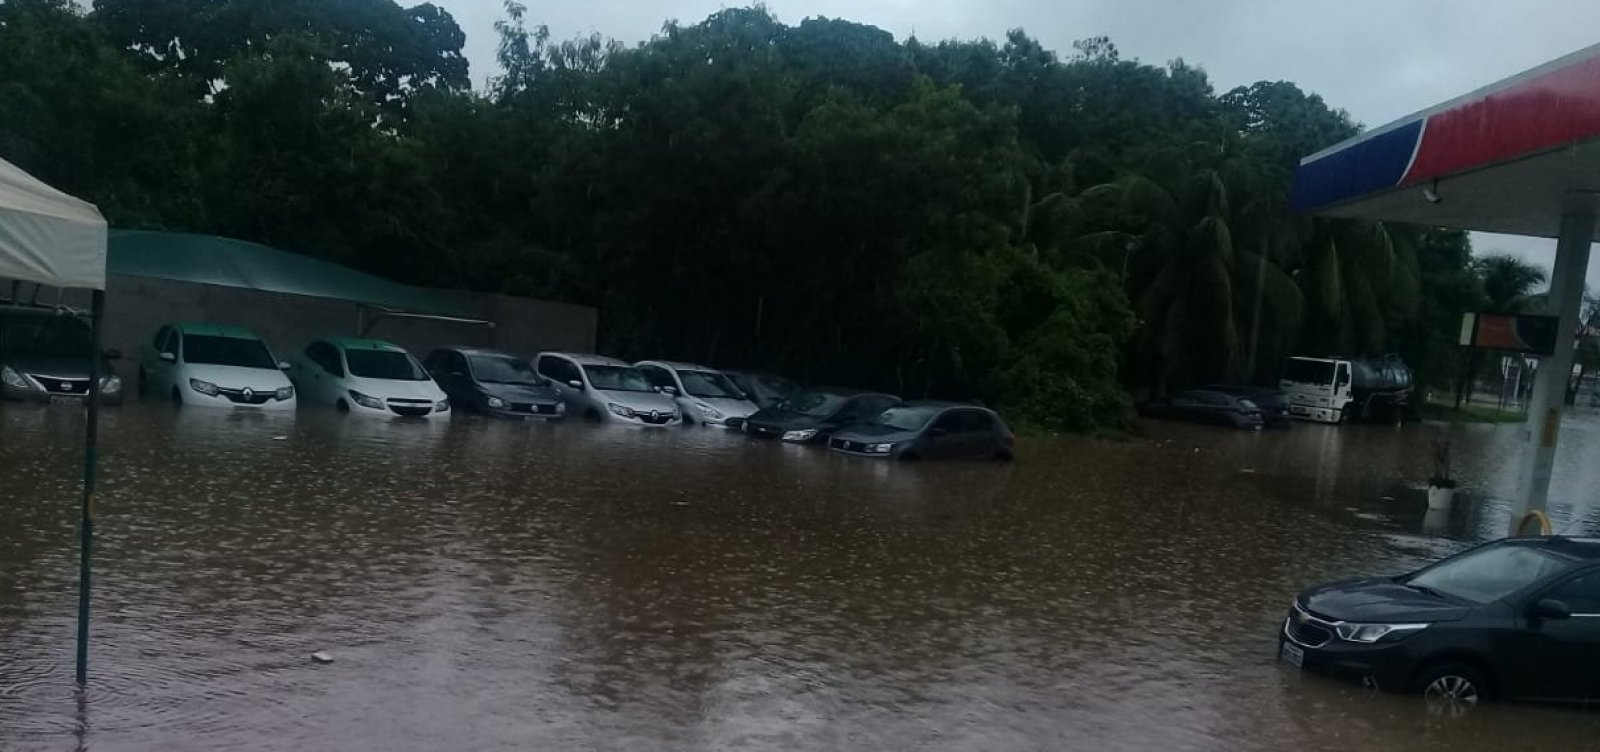 [Após chuvas, prefeitura decreta situação de emergência em Lauro de Freitas]